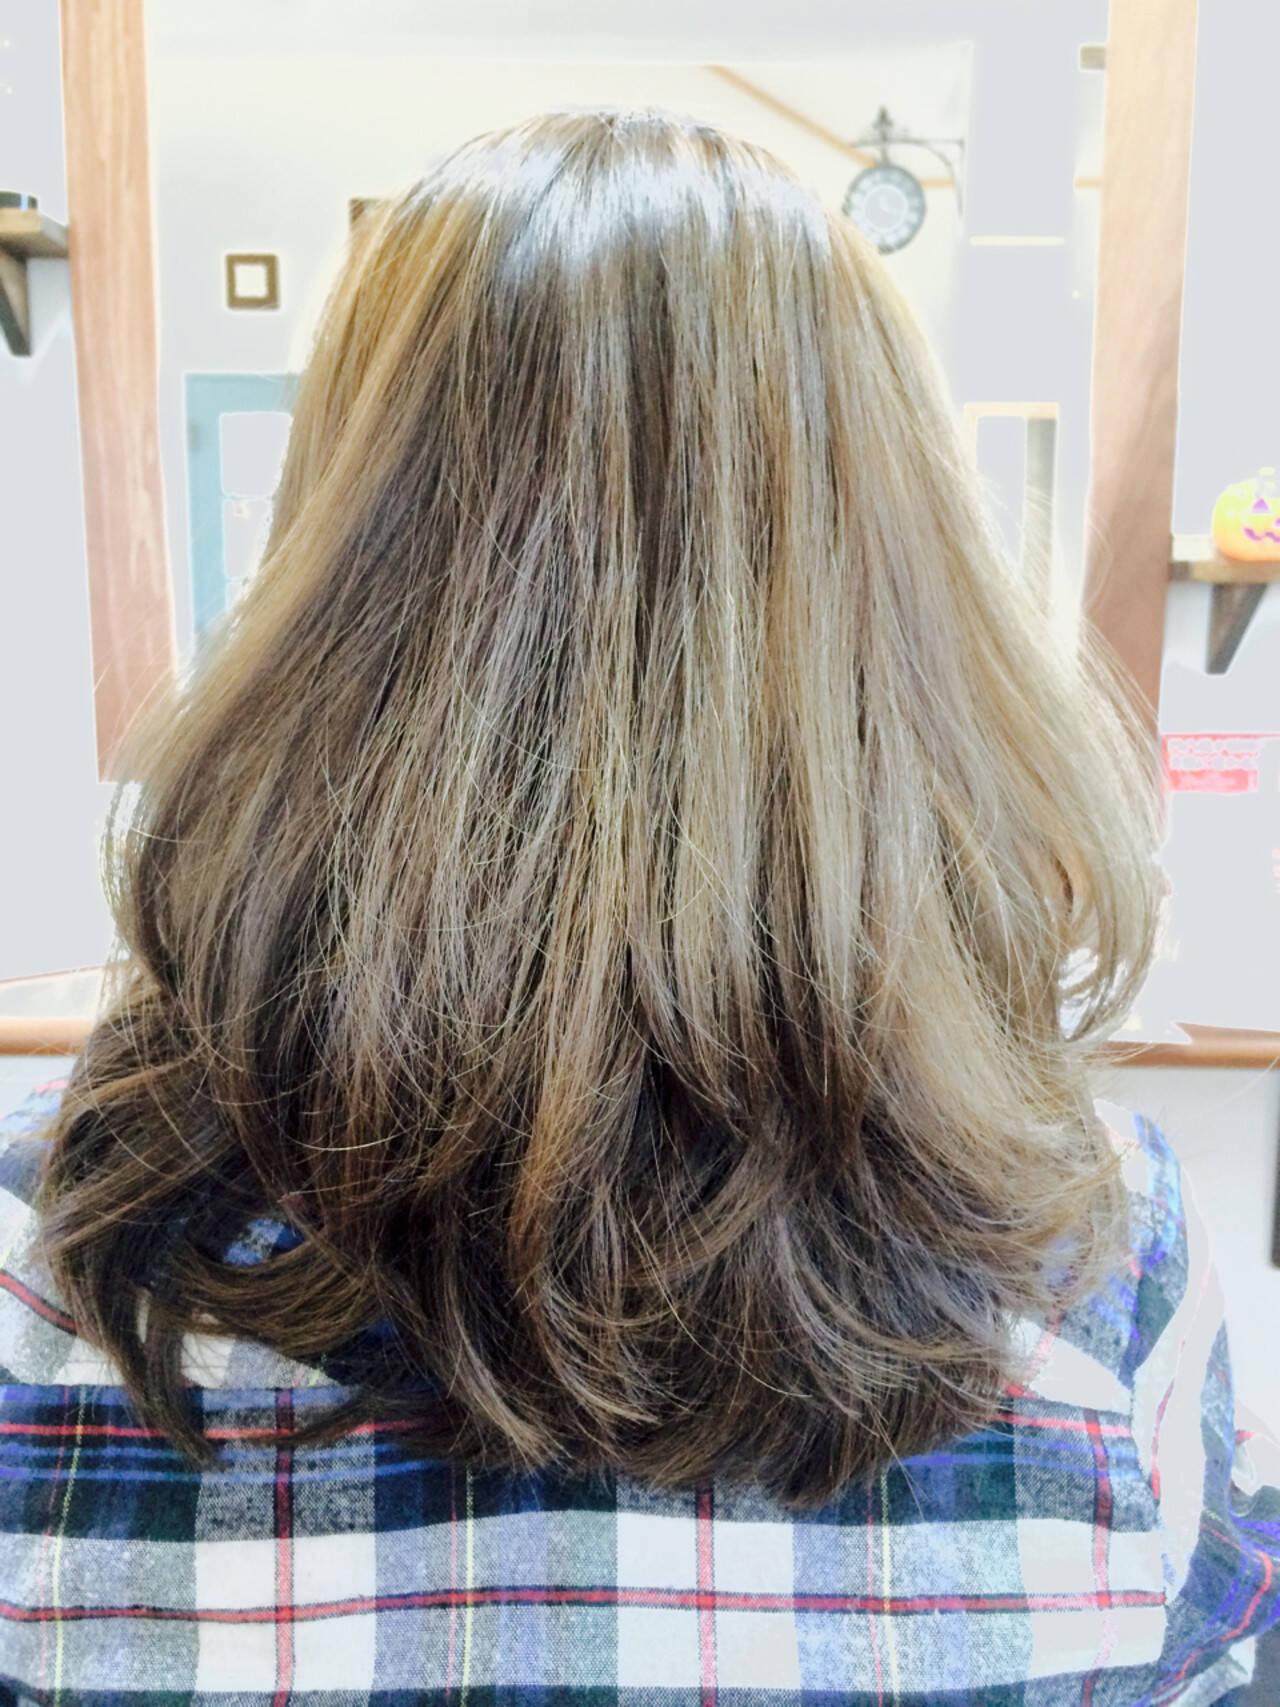 ナチュラル ミディアム アッシュ アッシュブラウンヘアスタイルや髪型の写真・画像